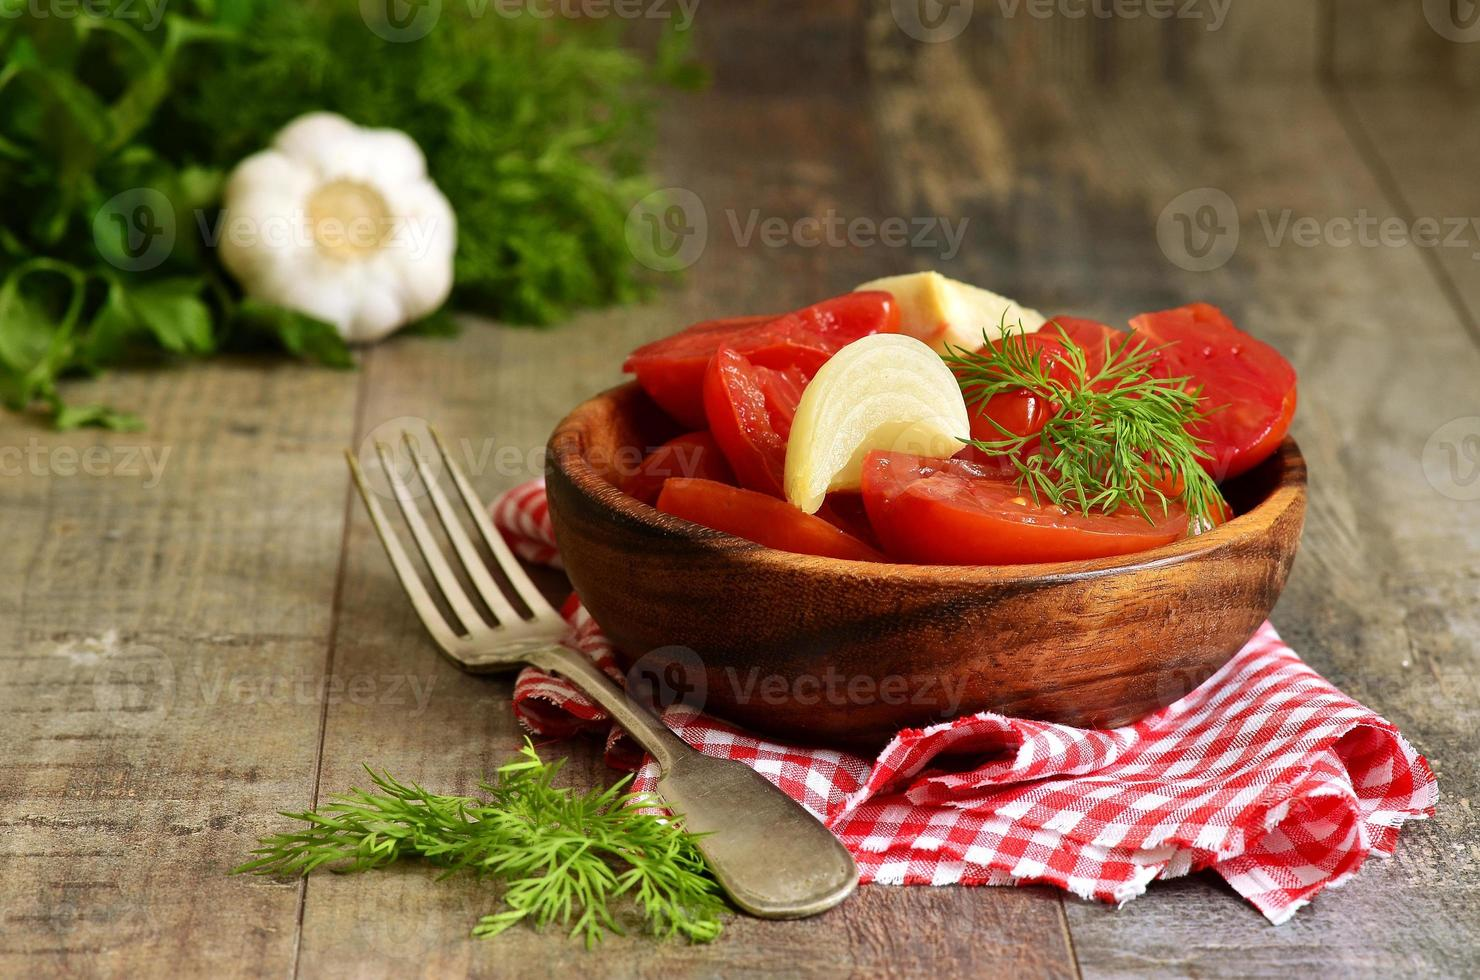 hausgemachte marinierte Tomaten. foto